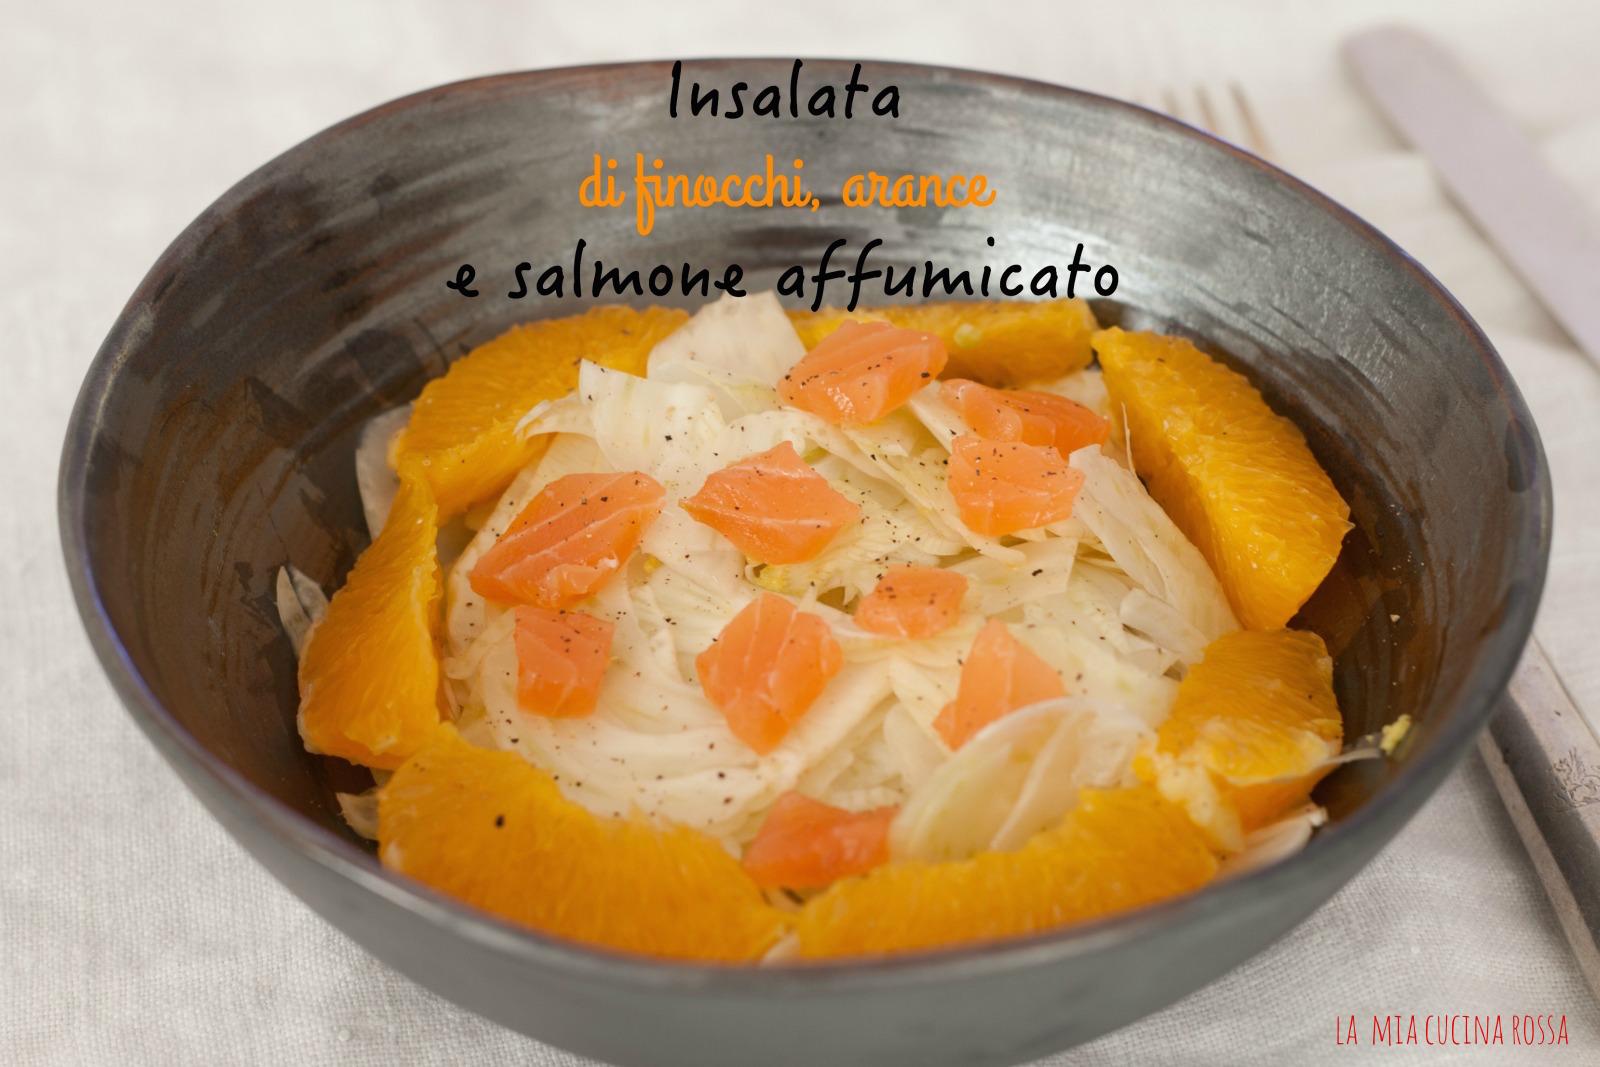 insalata 12